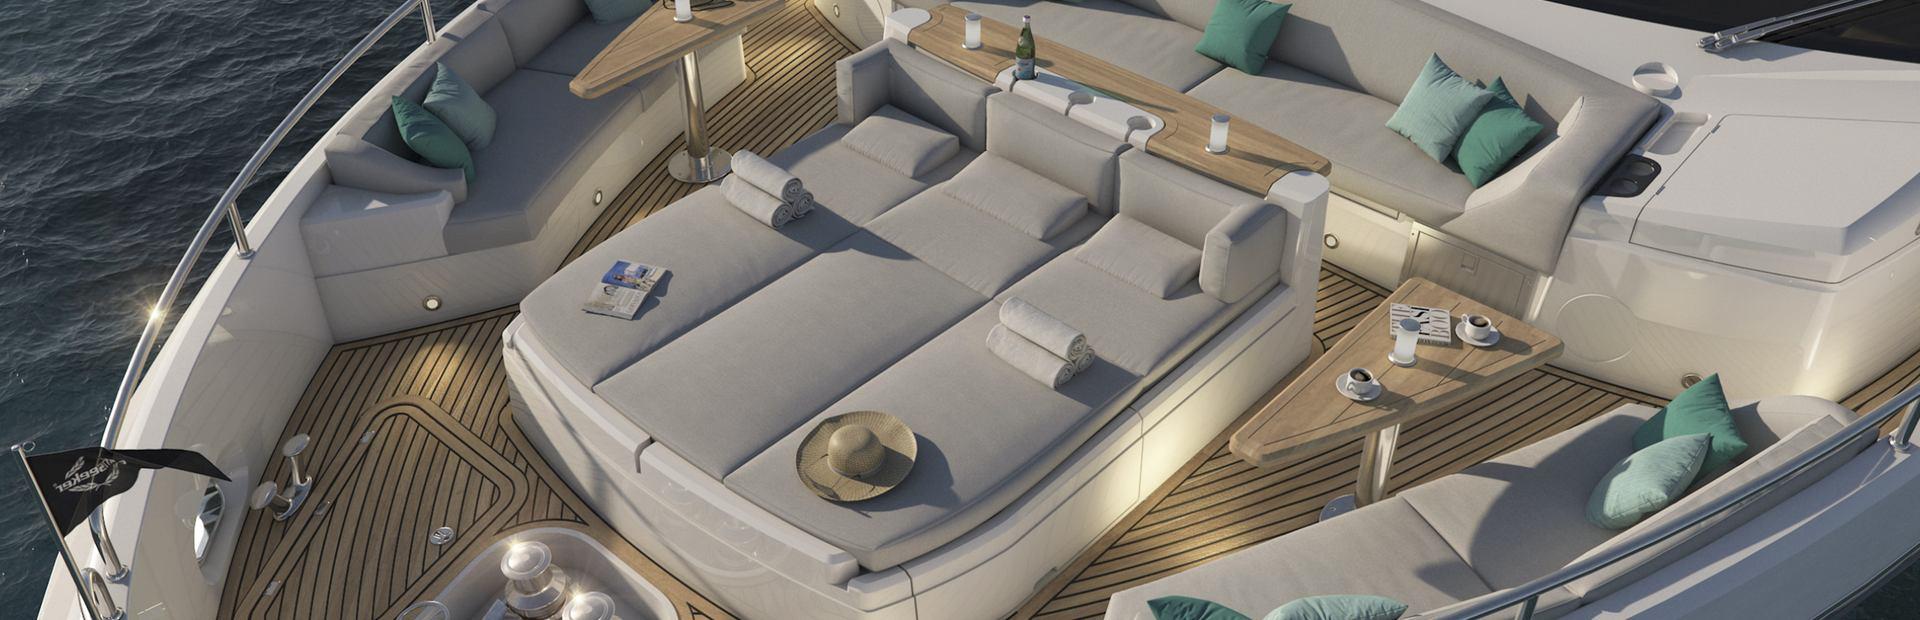 90 Ocean Yacht Charter